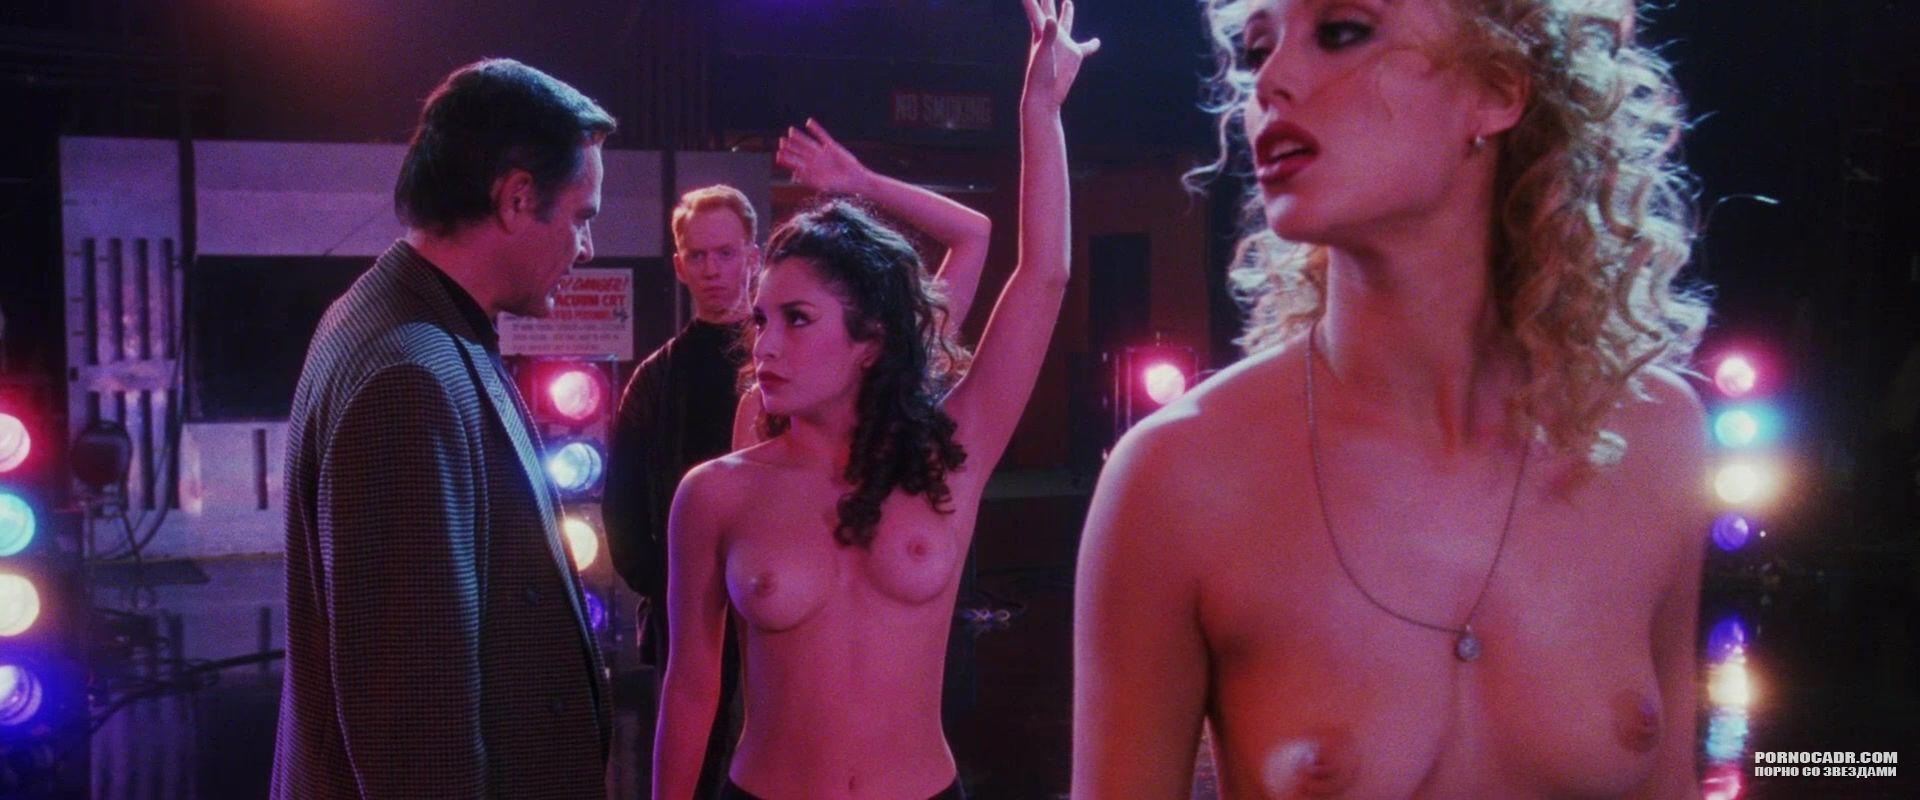 Elizabeth berkley nude, sexy, the fappening, uncensored